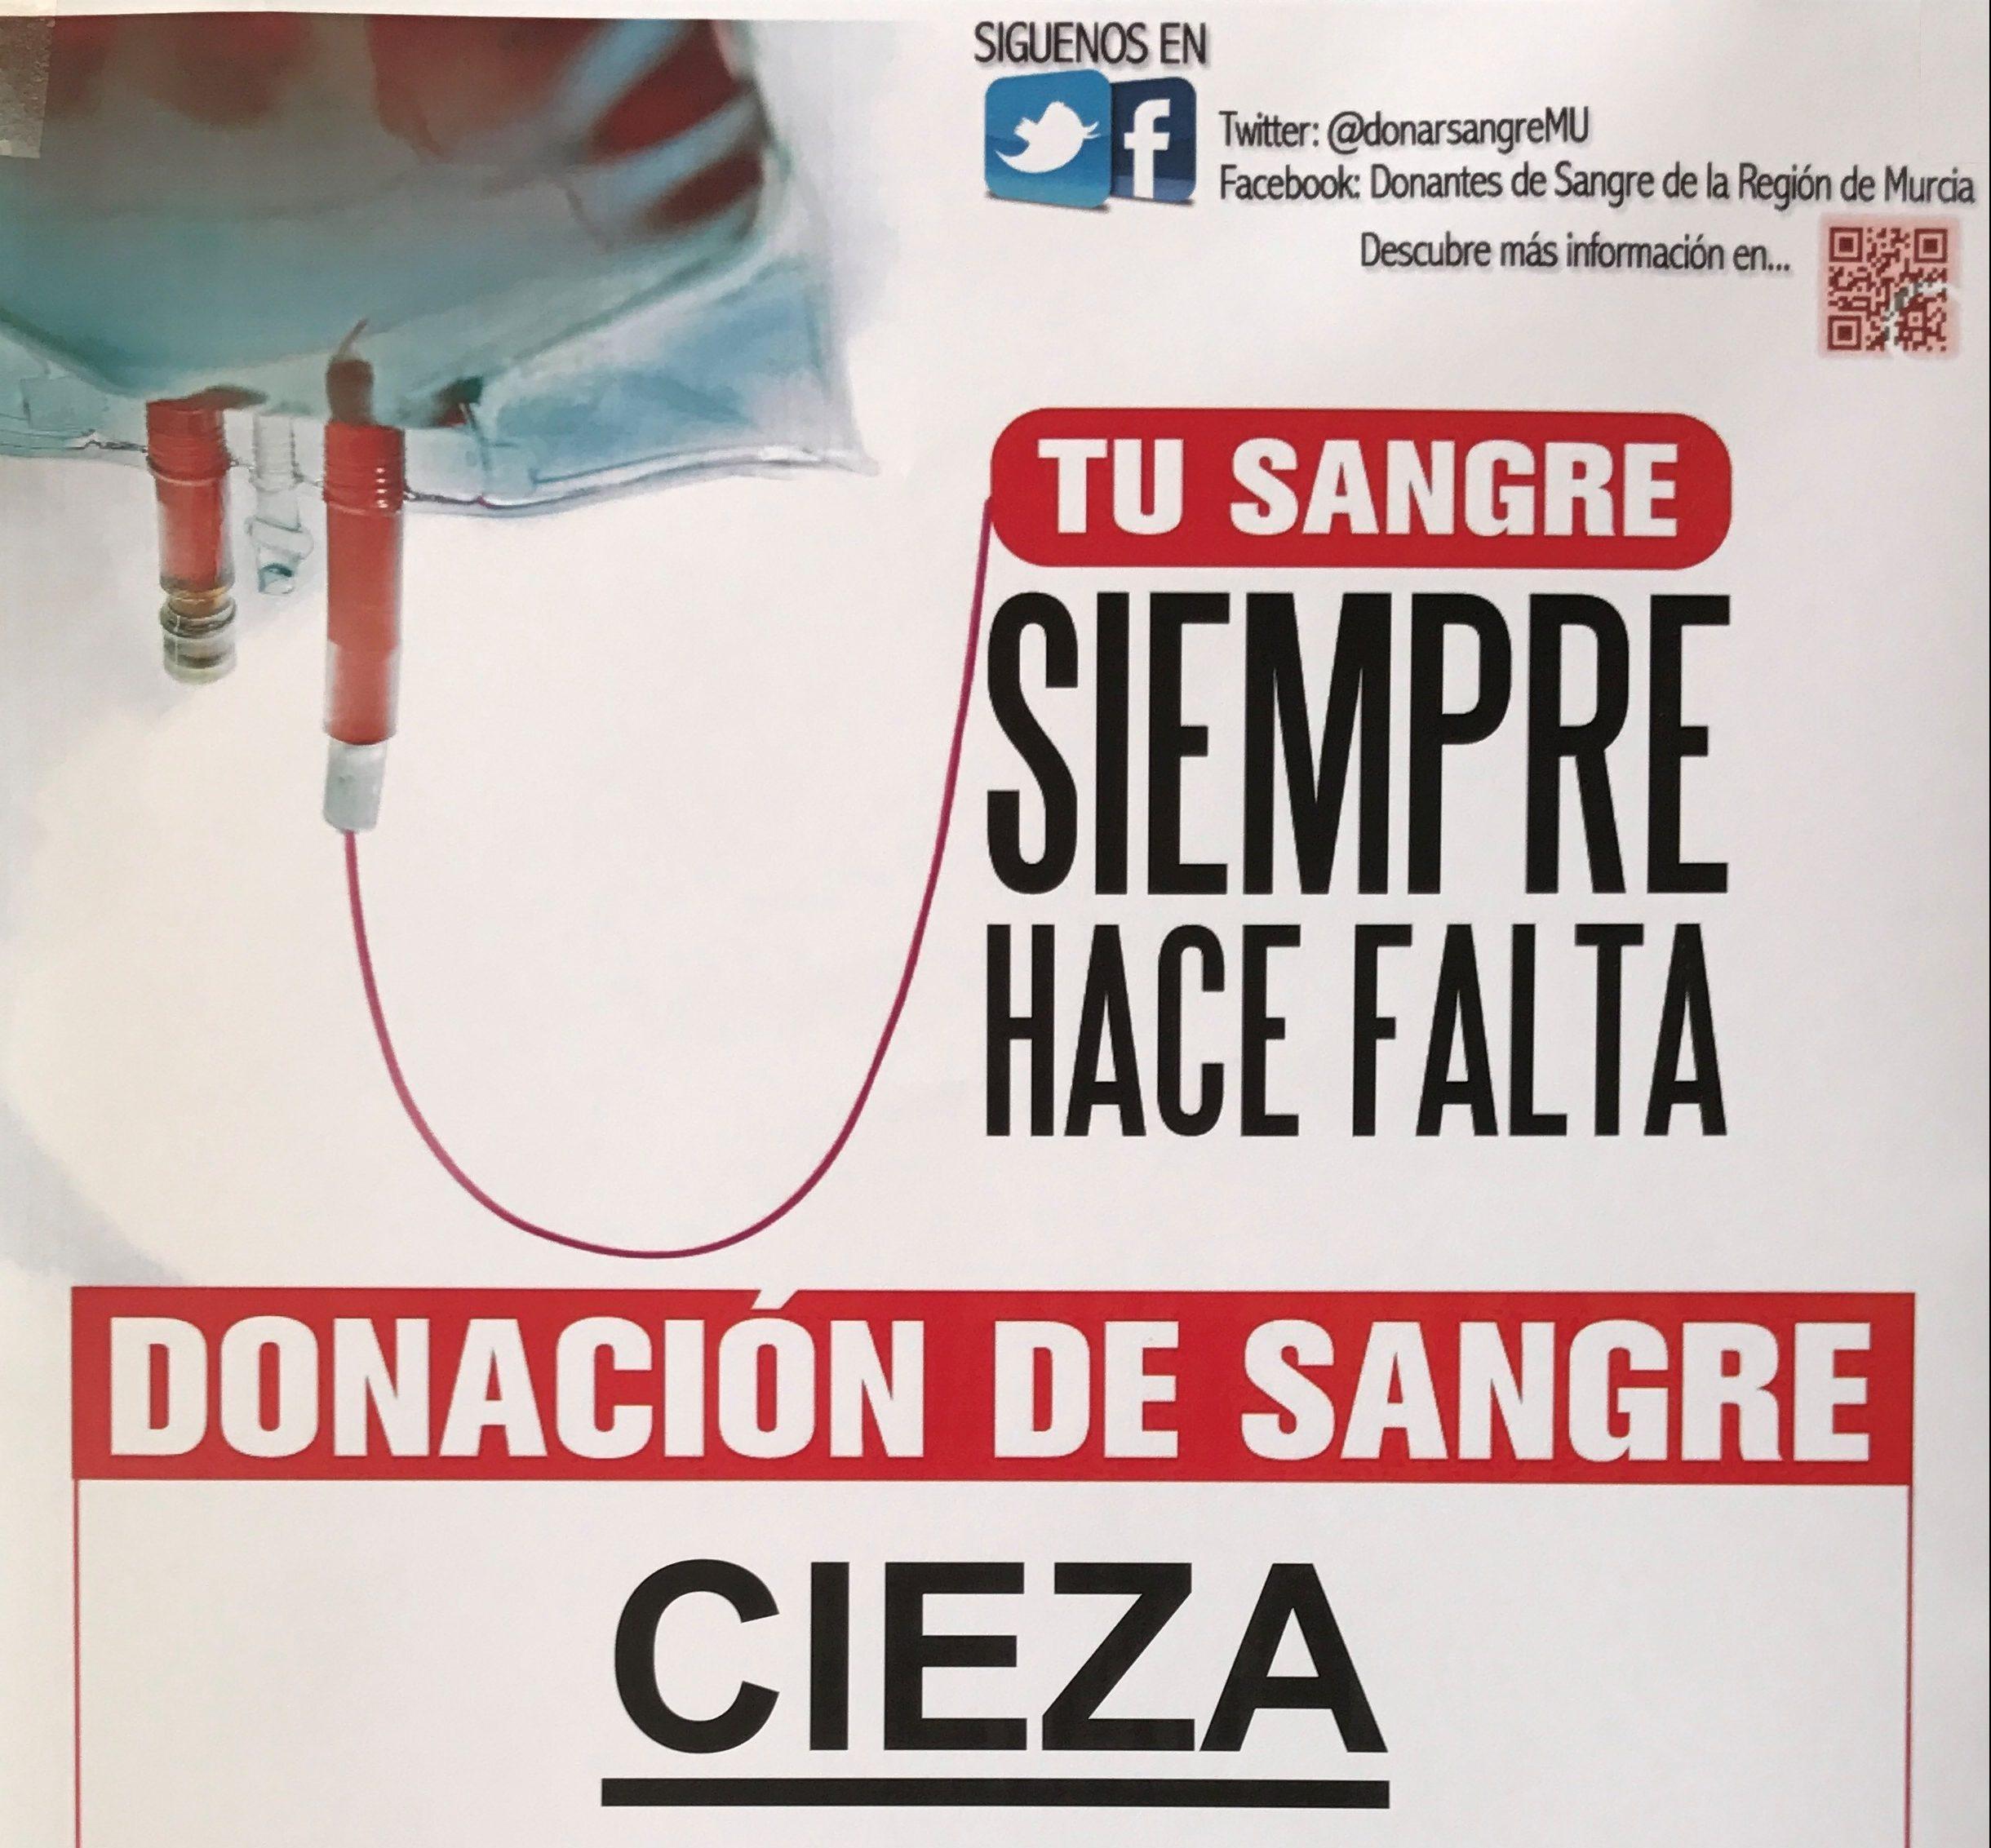 Imagen de cartel de la jornada de donación de sangre en Cieza.